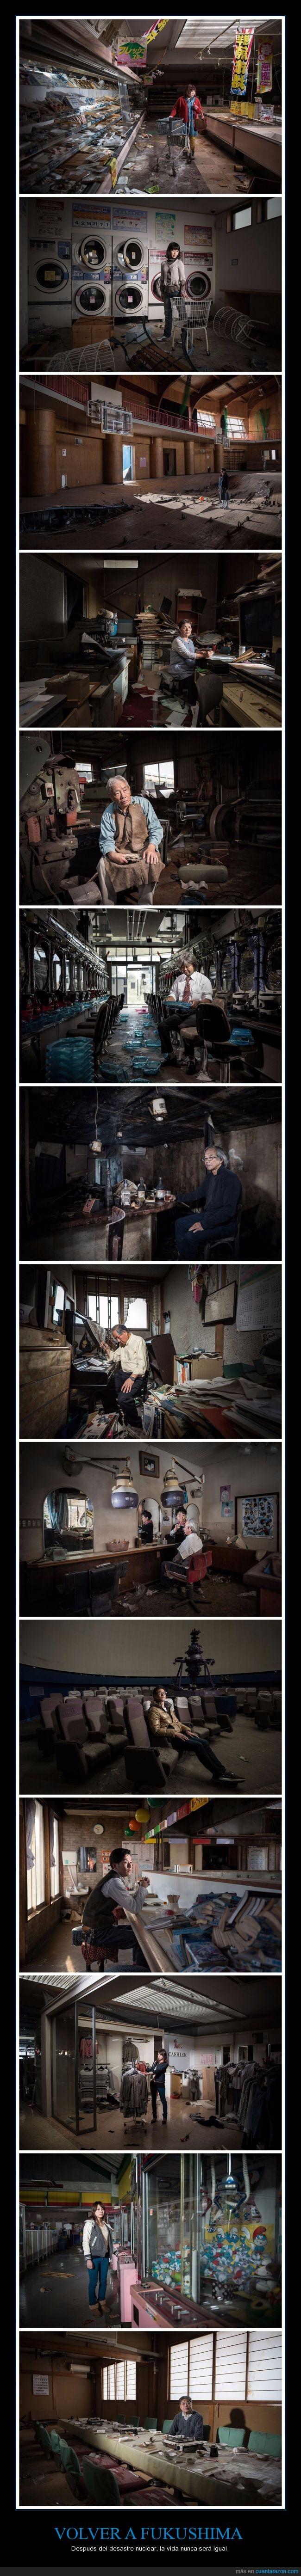 abandonado,accidente,Carlos Ayesta,escape,Fukushima,Guillaume Bression,Japón,nuclear,vida,volver